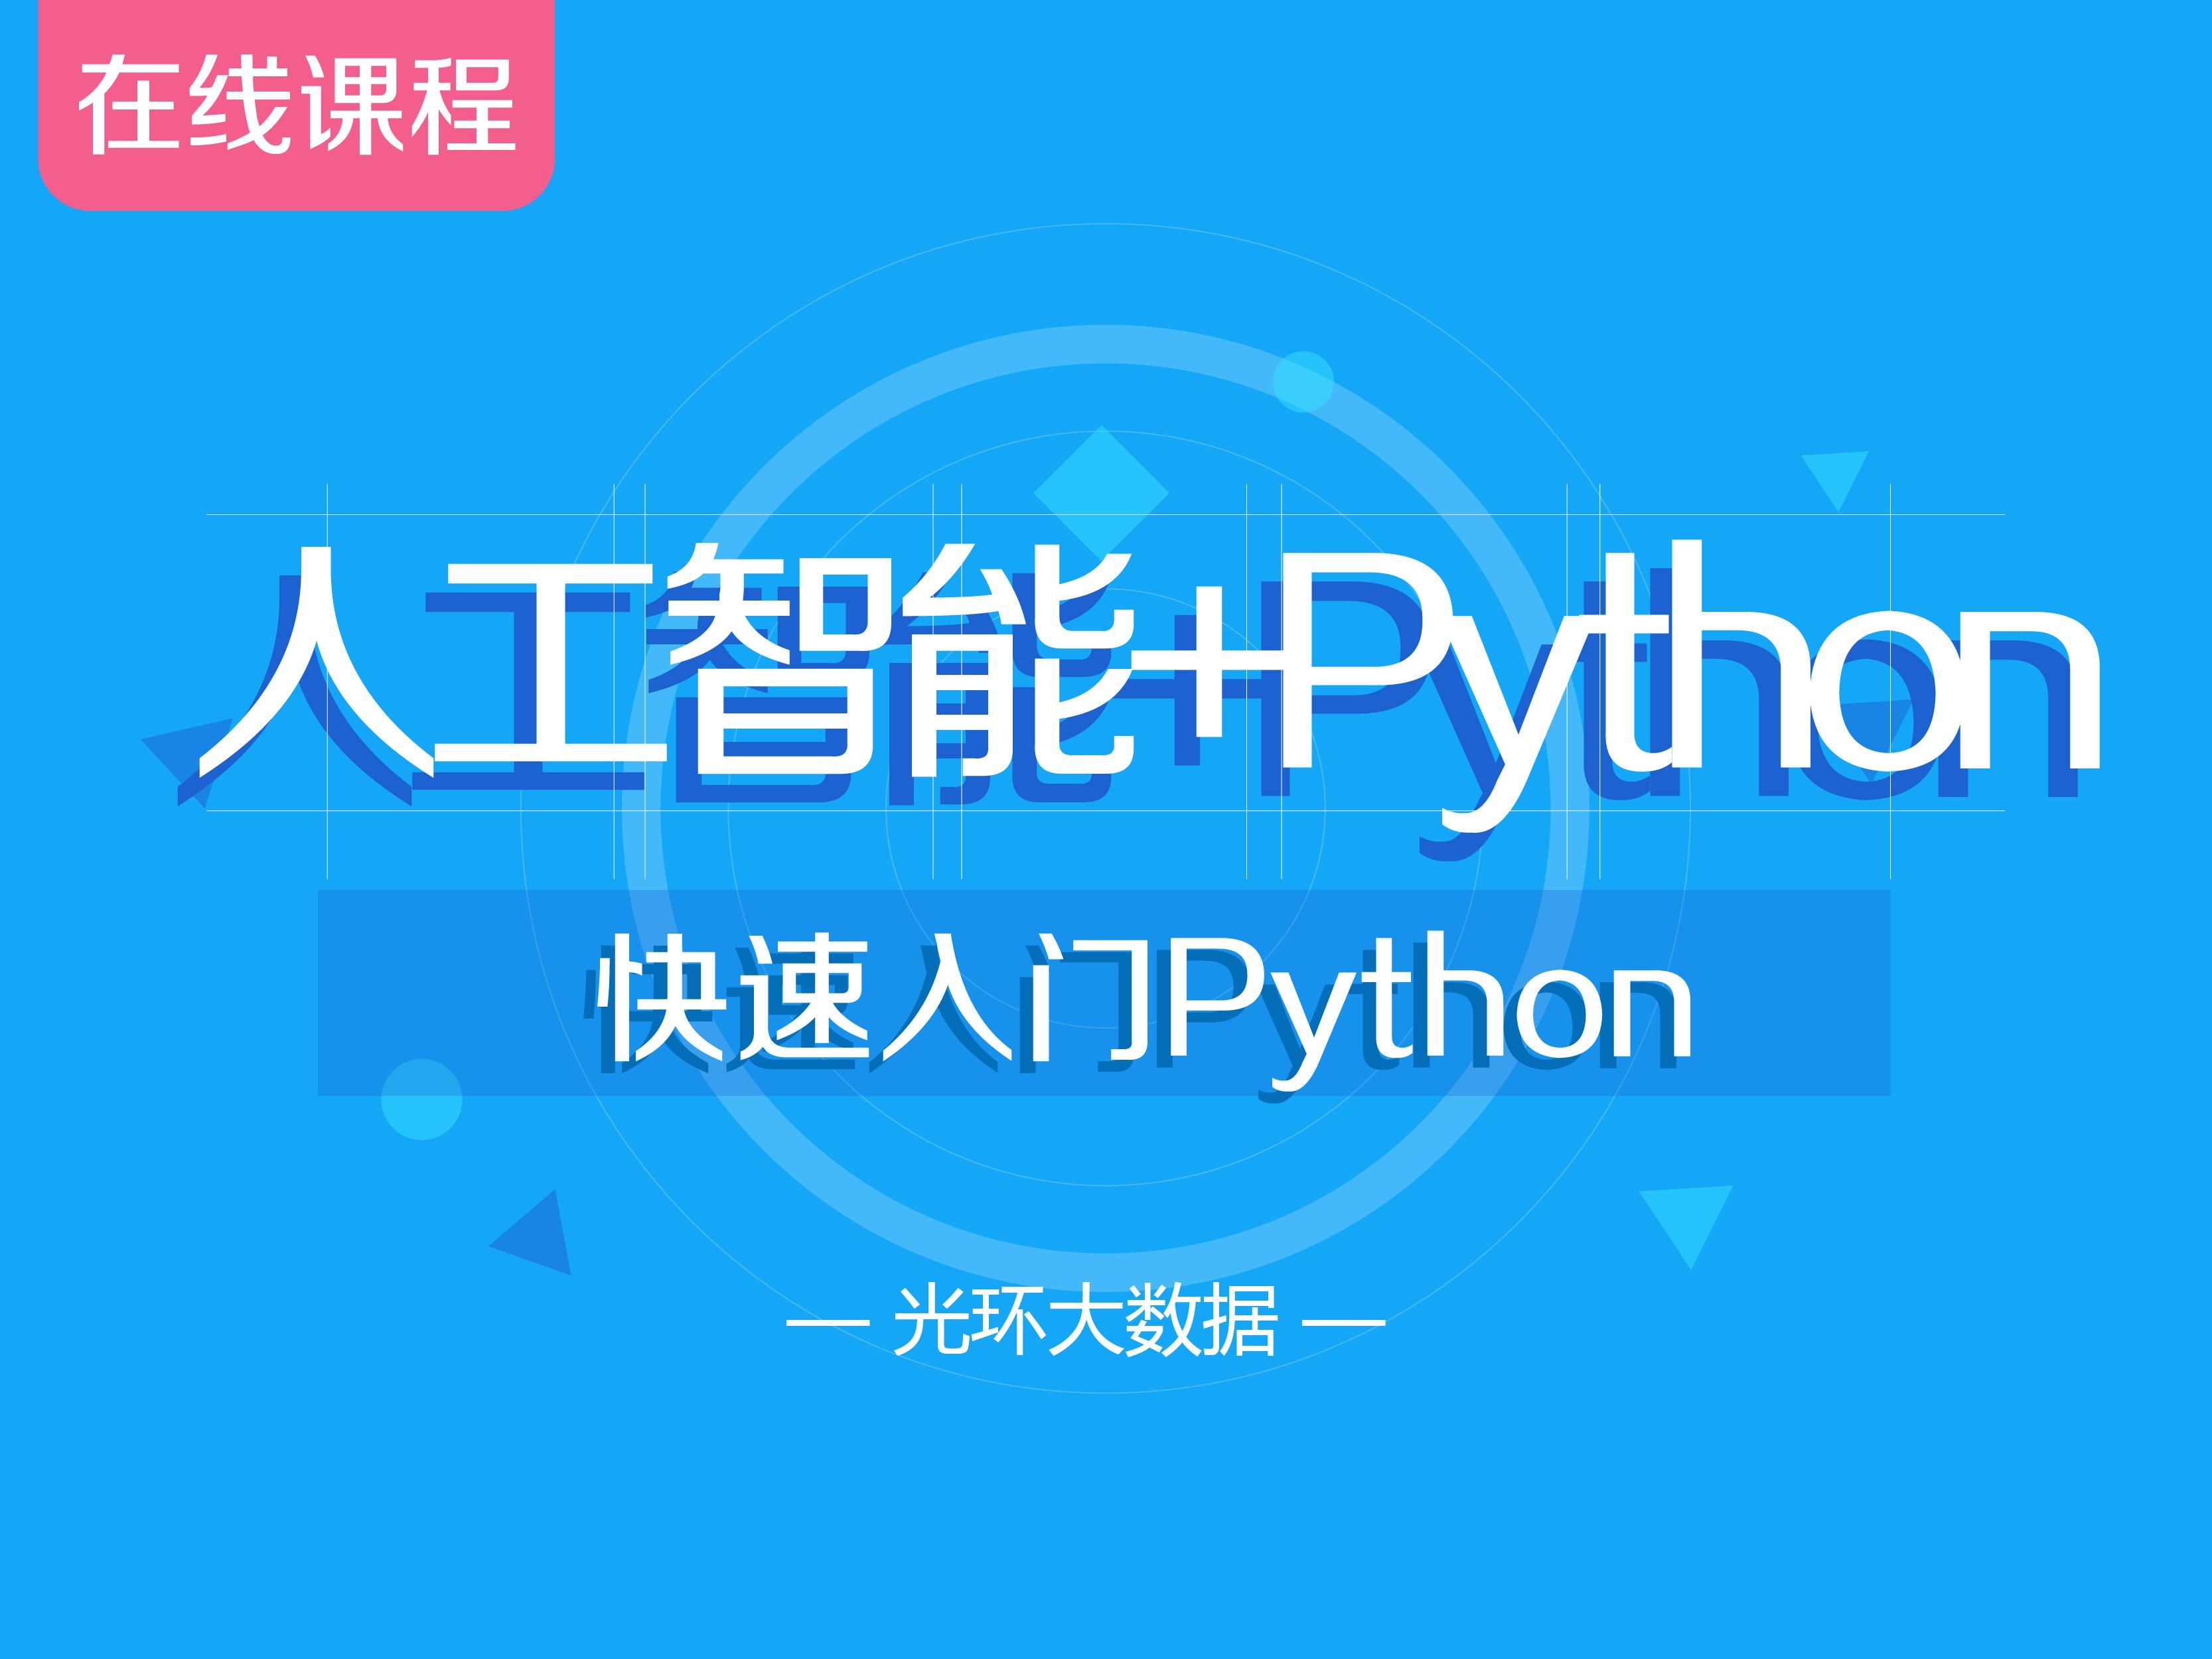 人工智能-Python培训快速入门